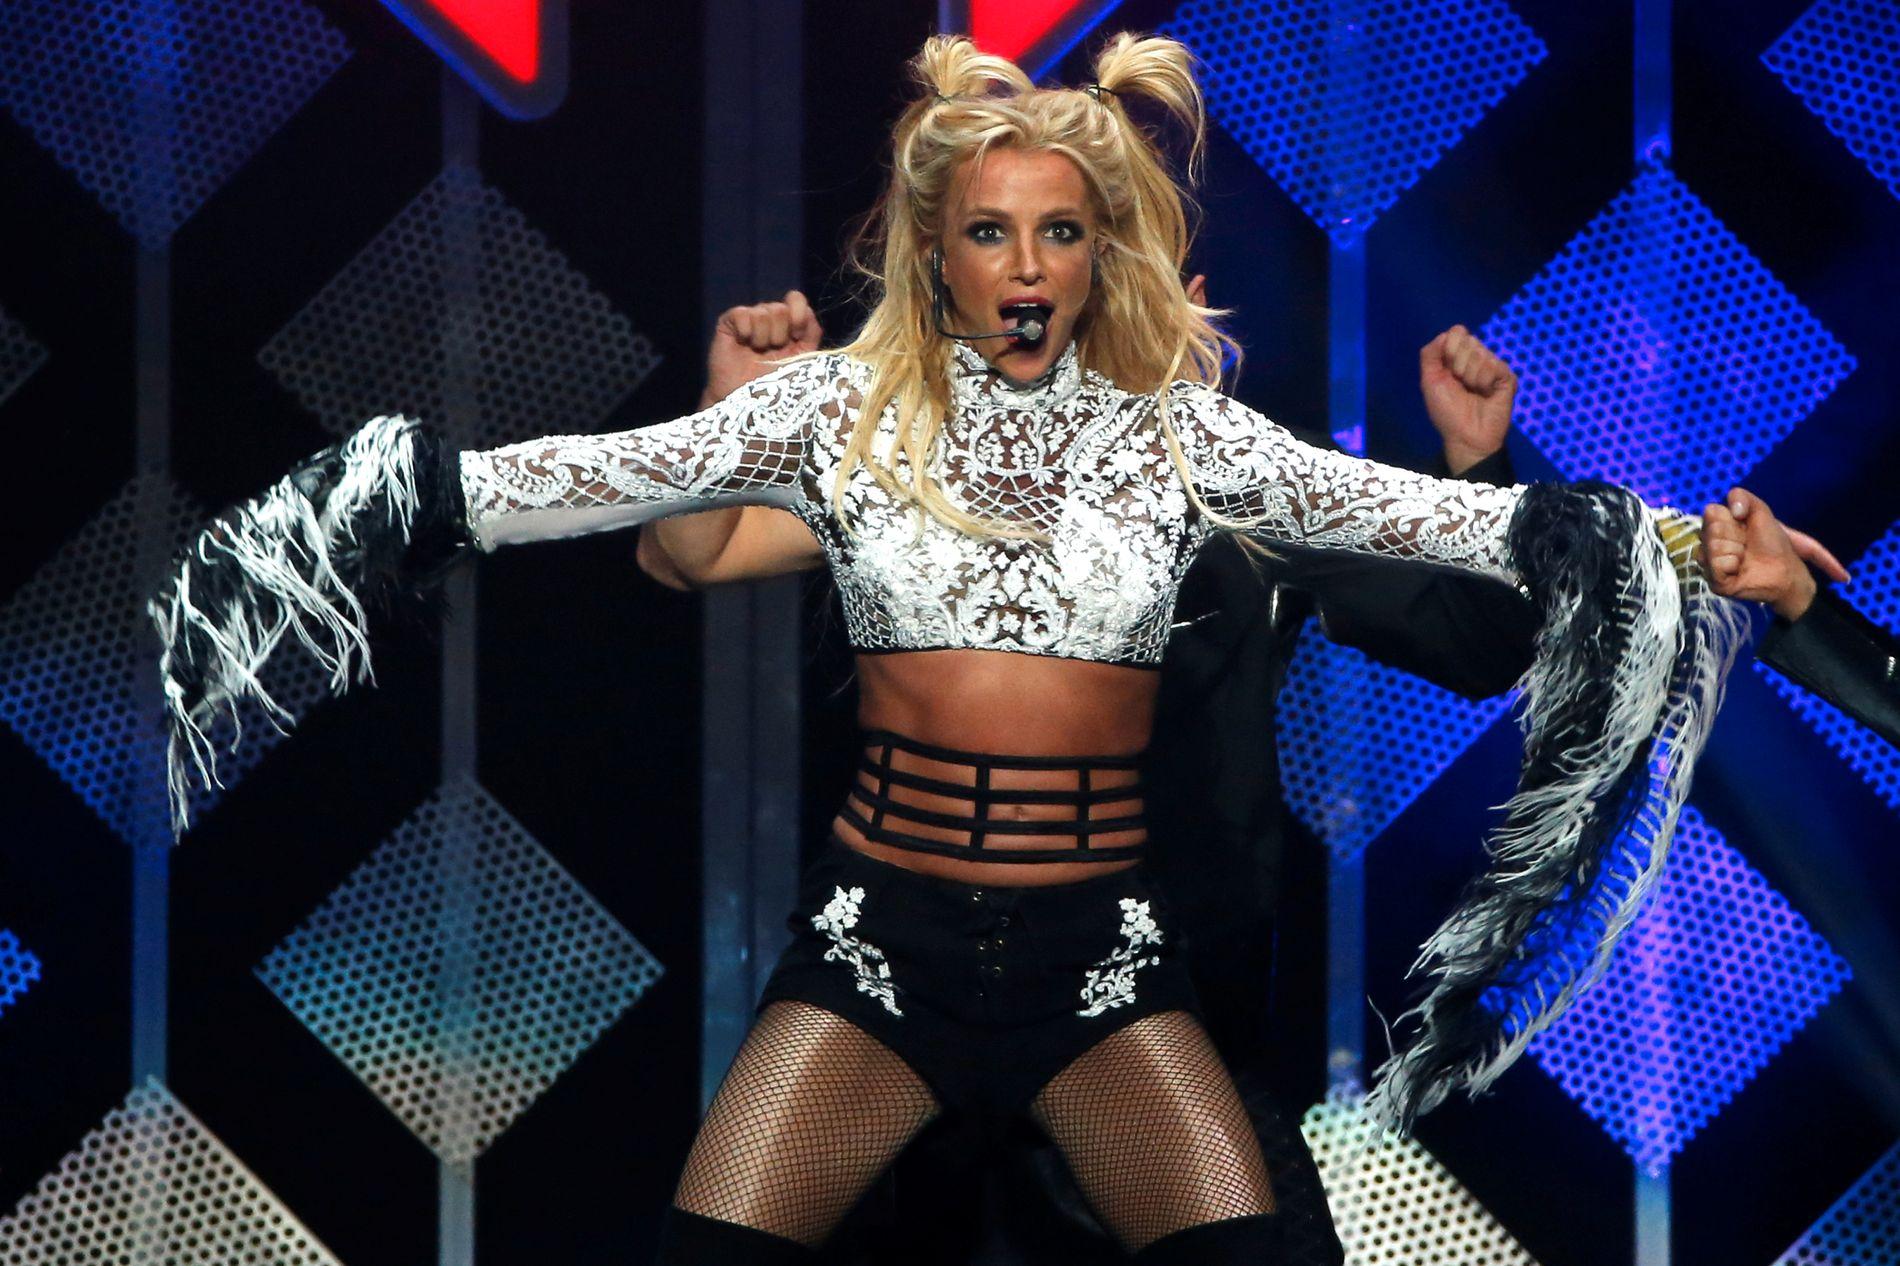 SETTER NYE REKORDER: Britney Spears (35) har satt fått livet på fote igjen 10 år etter. I jauar ble det kjent at 35-åringen har dratt inn billettinntekter på 103 millioner dollar - drøyt 845 millioner kroner på showet «Britney: Piece Of Me» som hun opptrer med i Las Vegas.